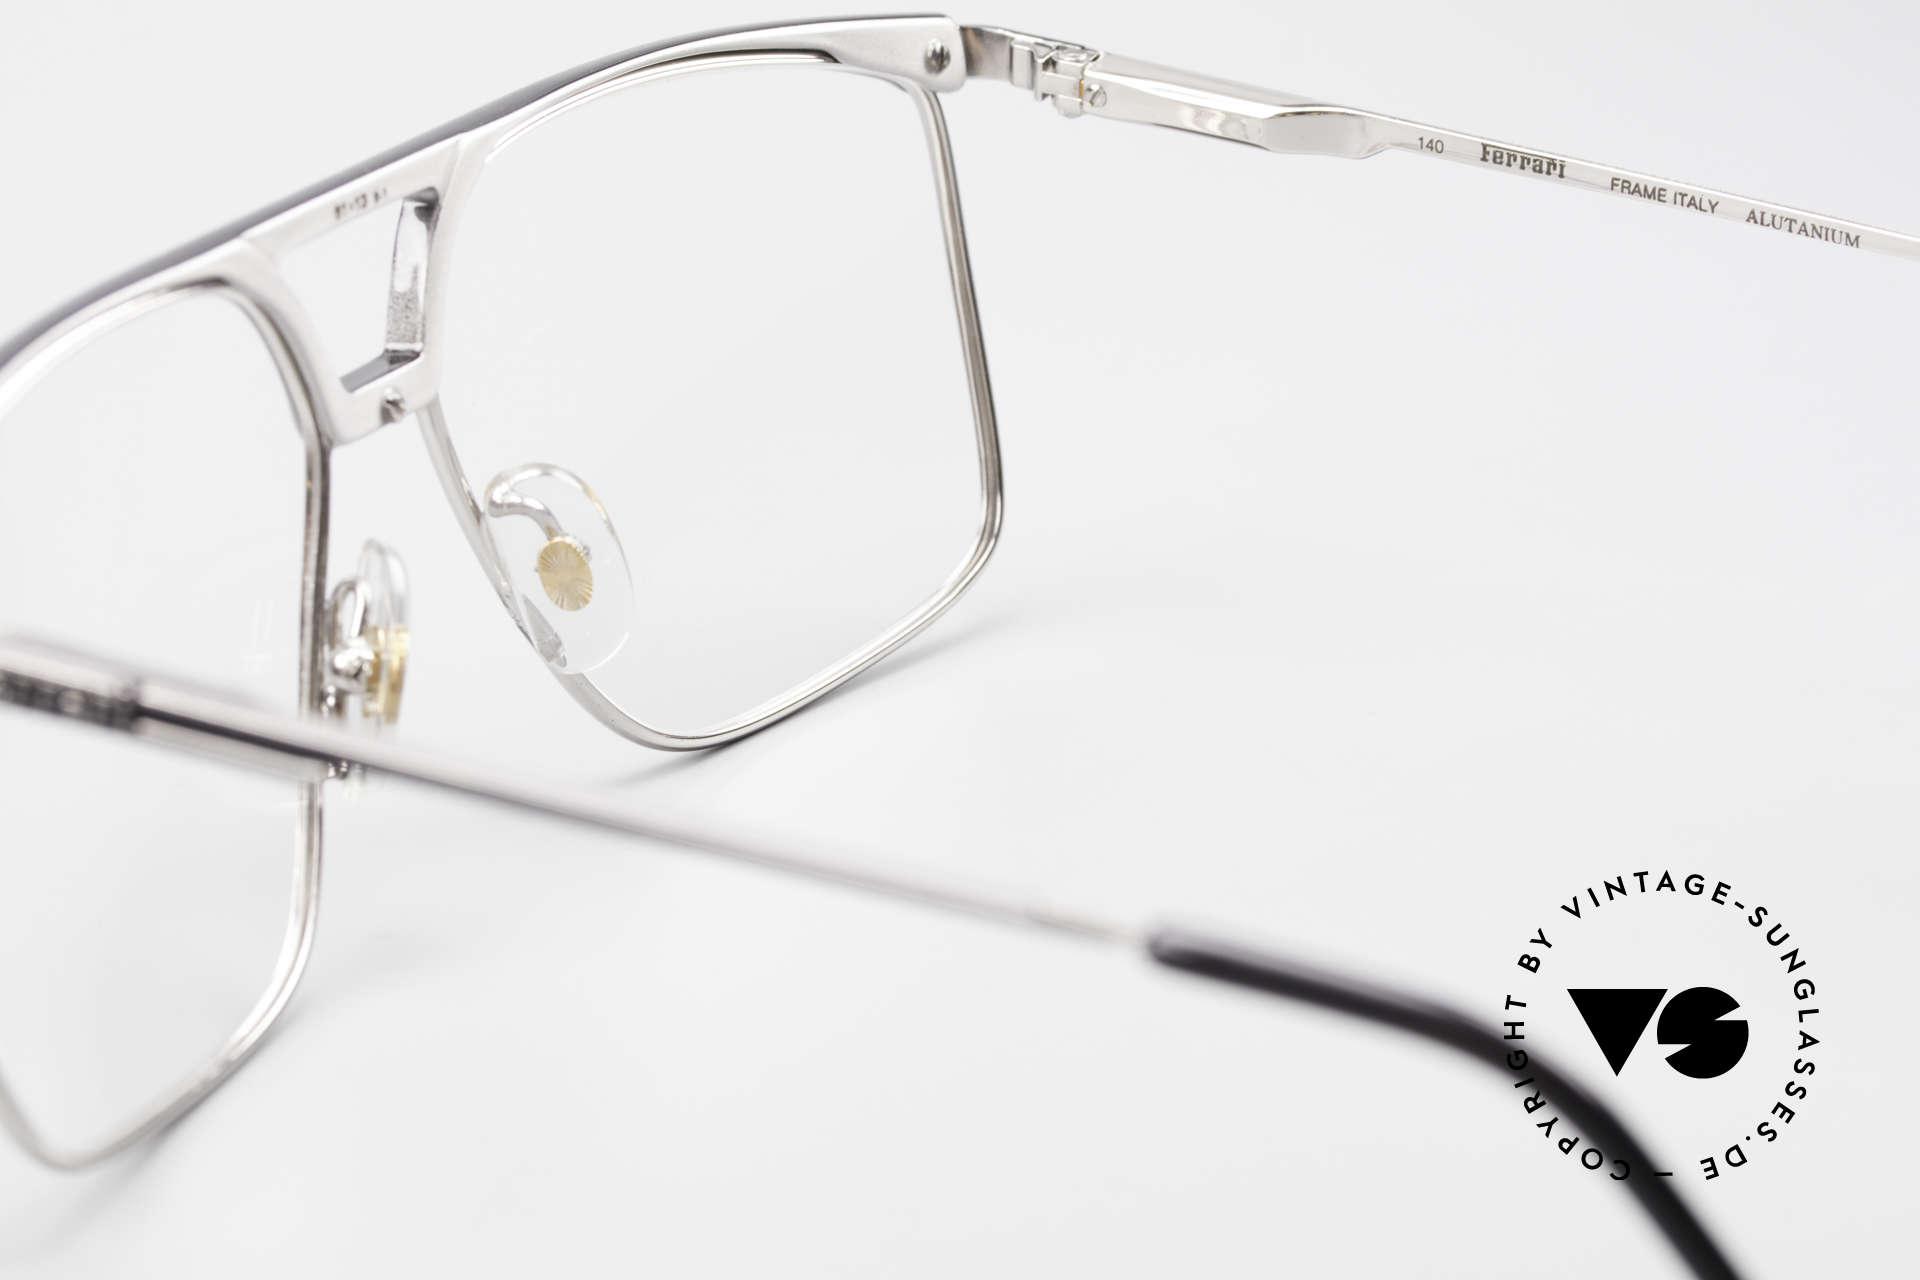 Ferrari F35 Large Vintage Men's Eyeglasses, Size: large, Made for Men